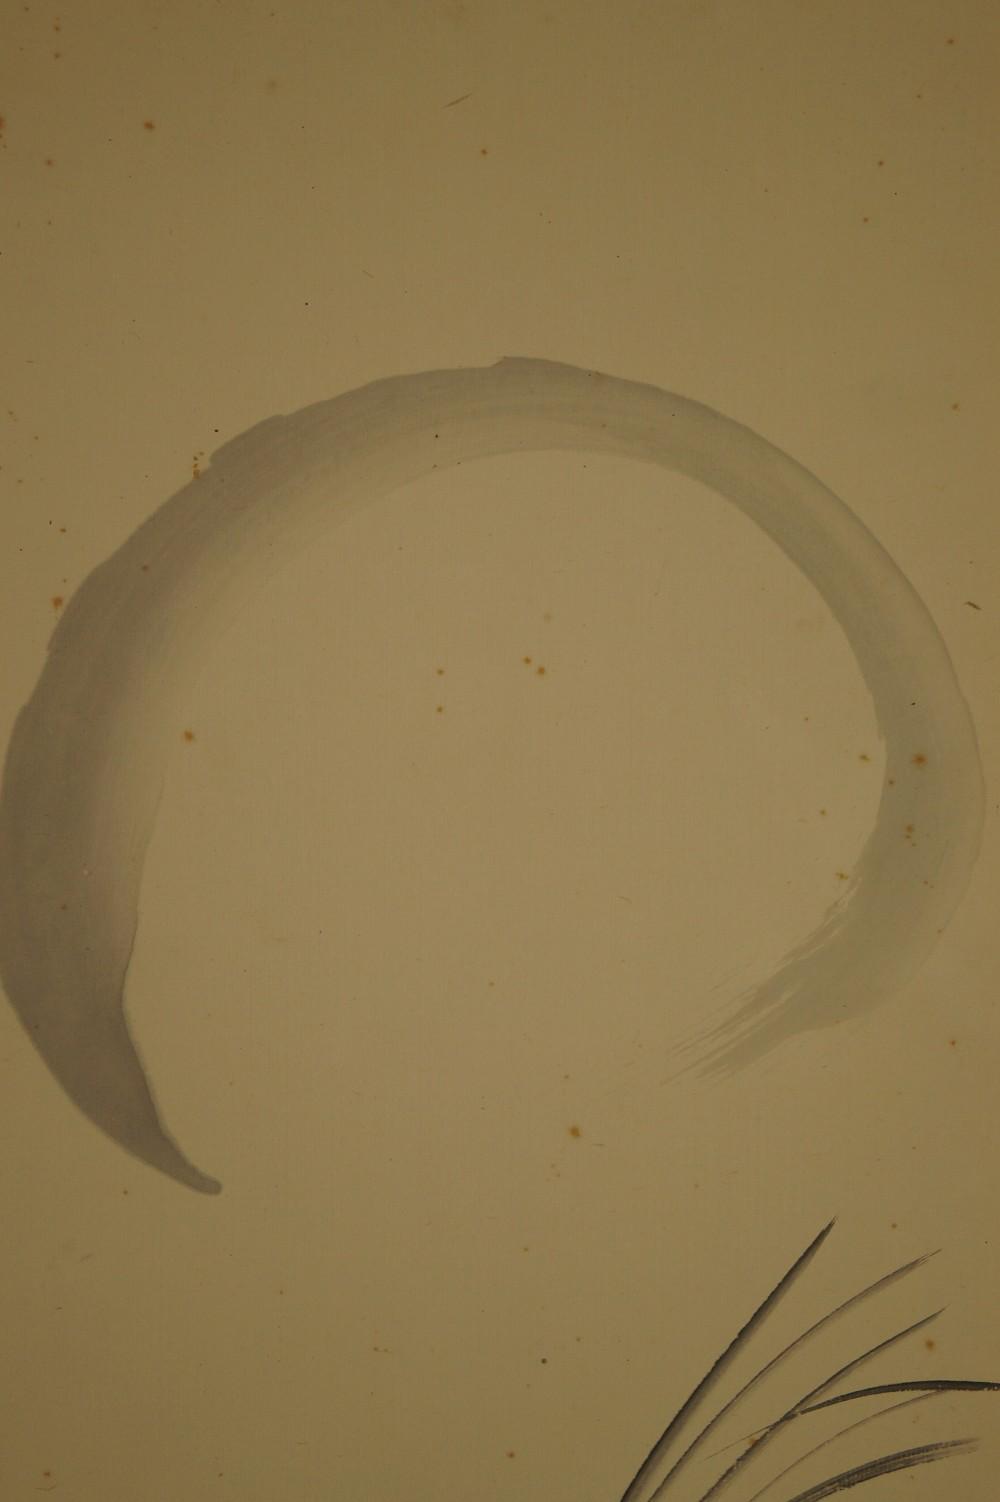 Gräser im Mondschein - japanisches Rollgemälde (Kakejiku, Kakemono)